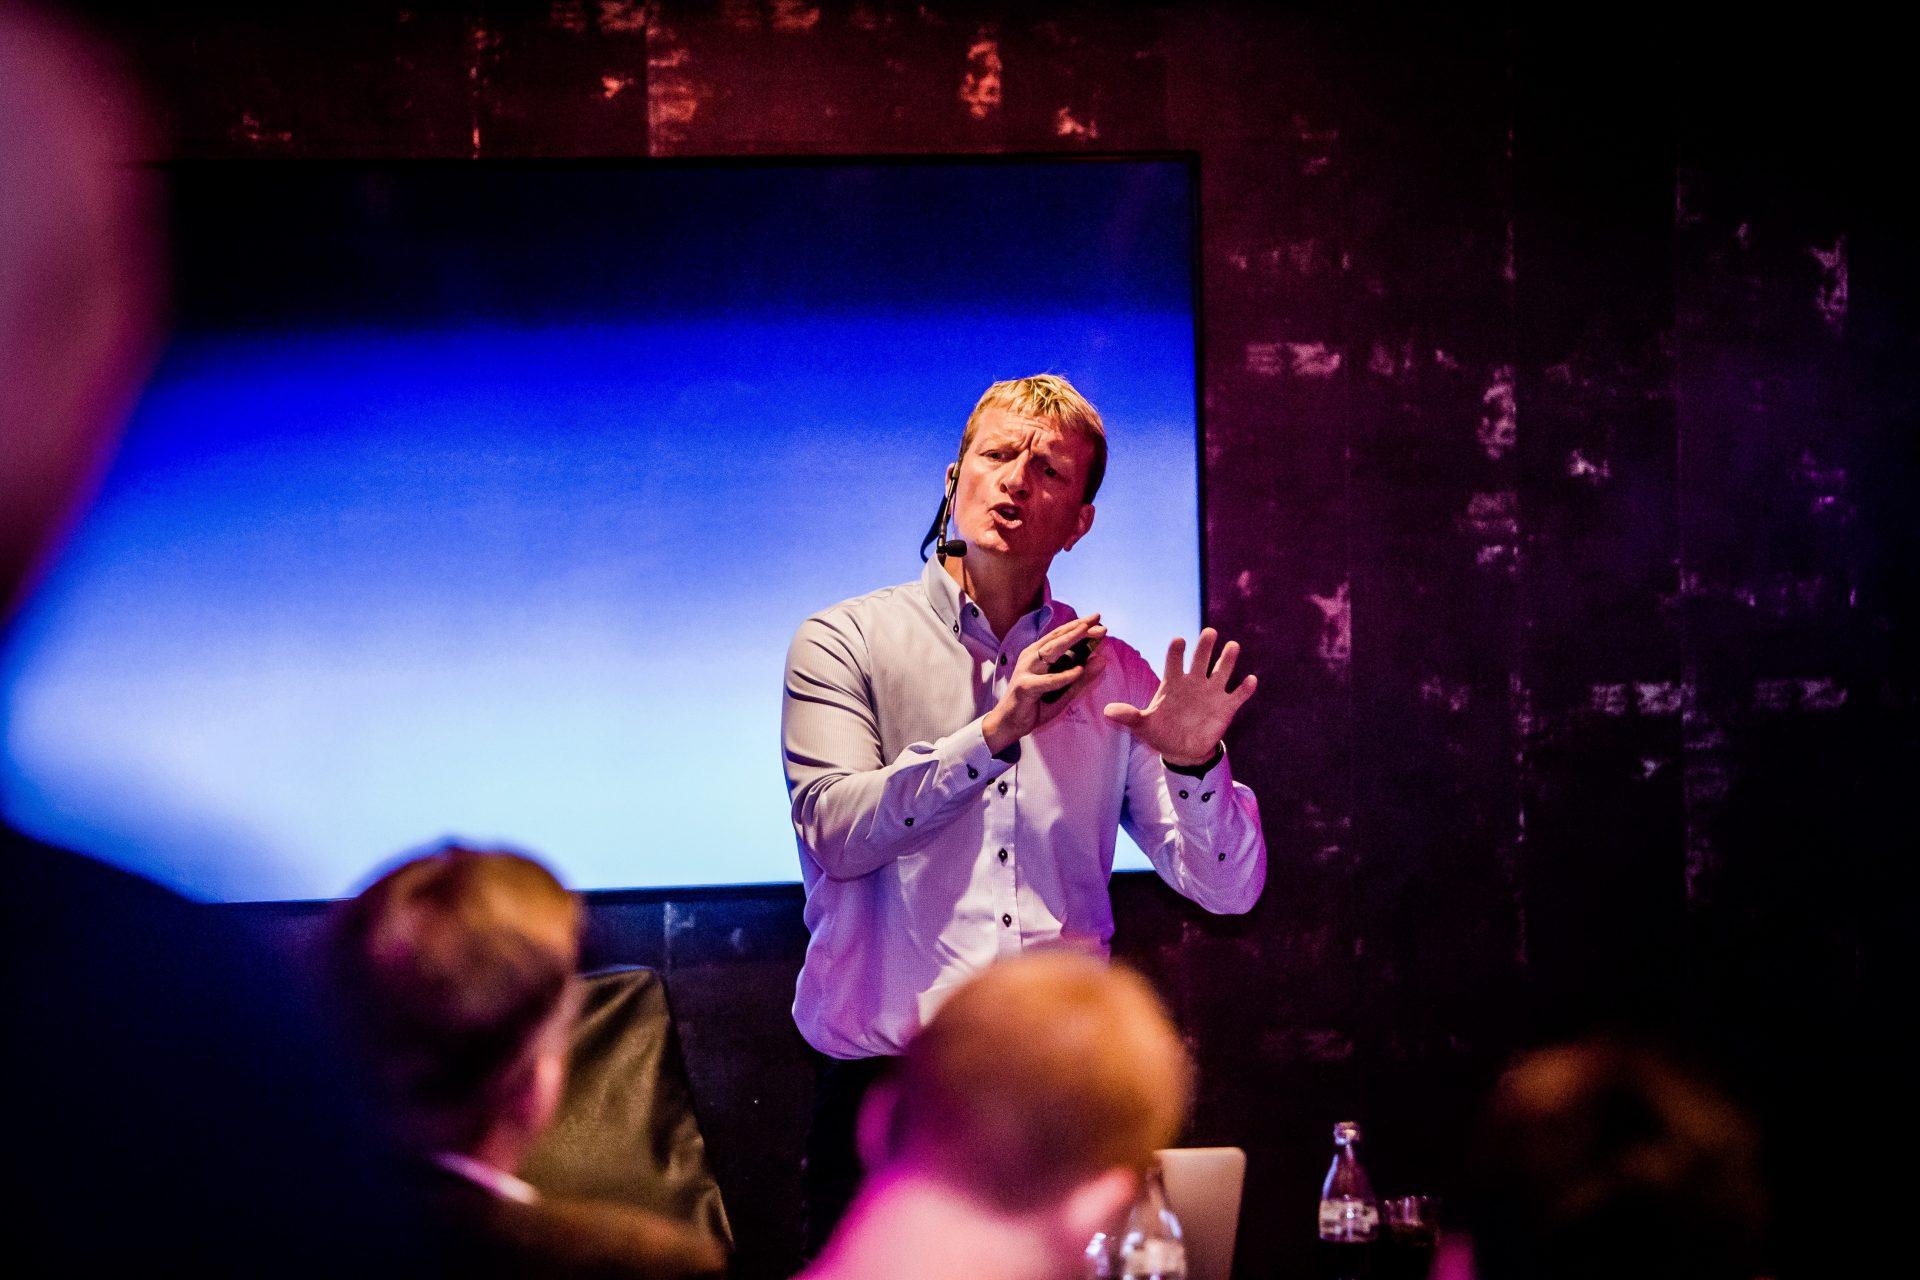 Foredragsholder priser: Erik Hanøy har holdt foredrag i 25 år.